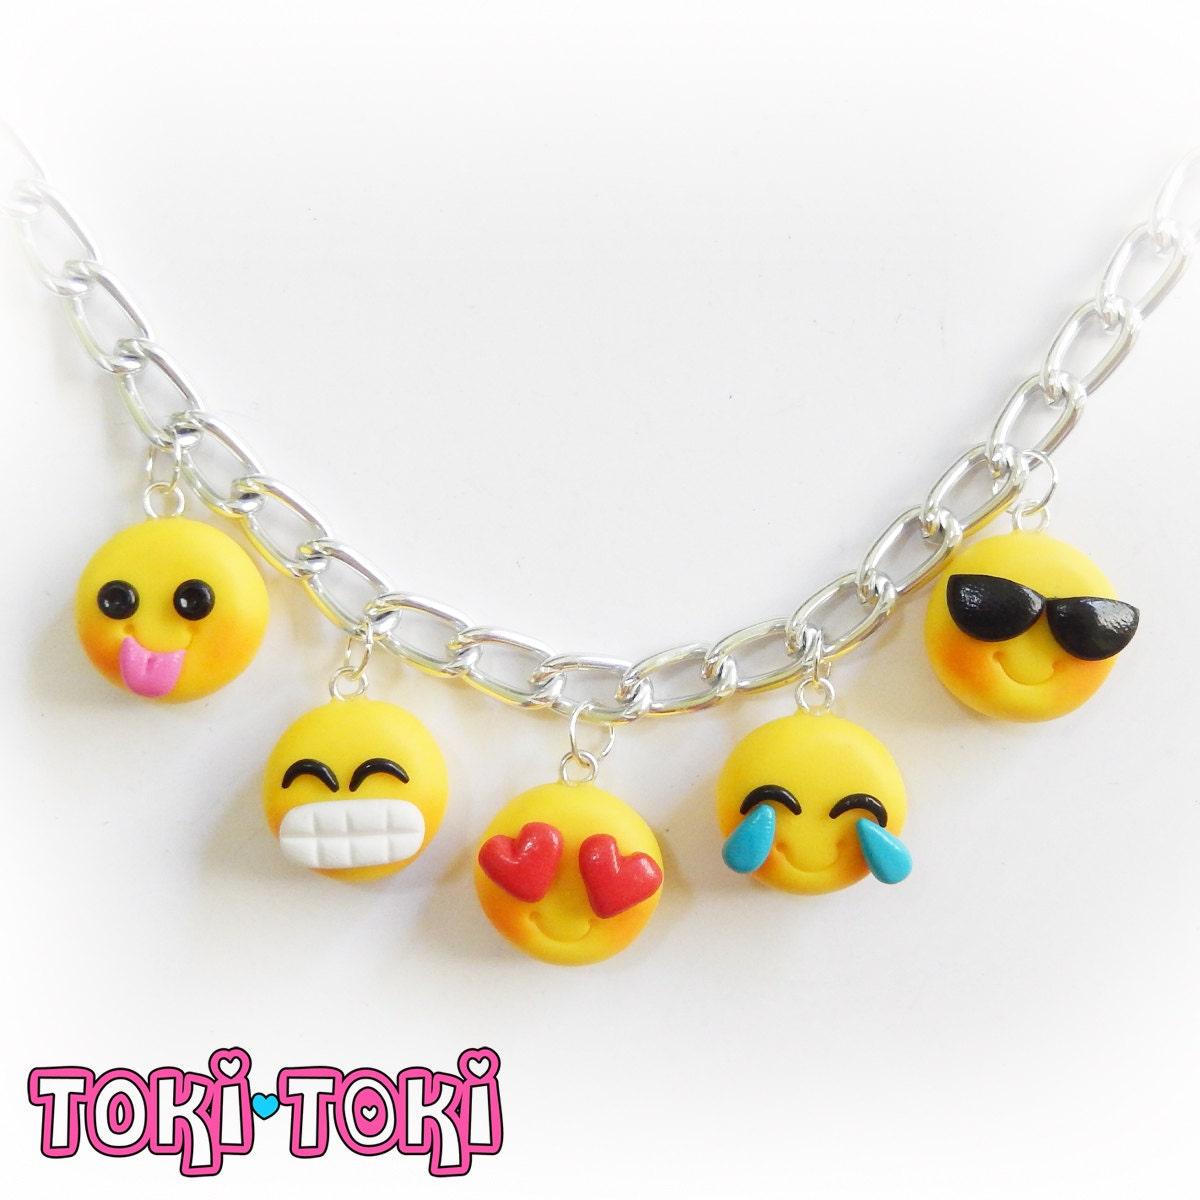 emoji bracelet emoticon charm smiley emoticon polymer clay charm bracelet miniature jewelry kawaii bracelet emoji charm unique gift